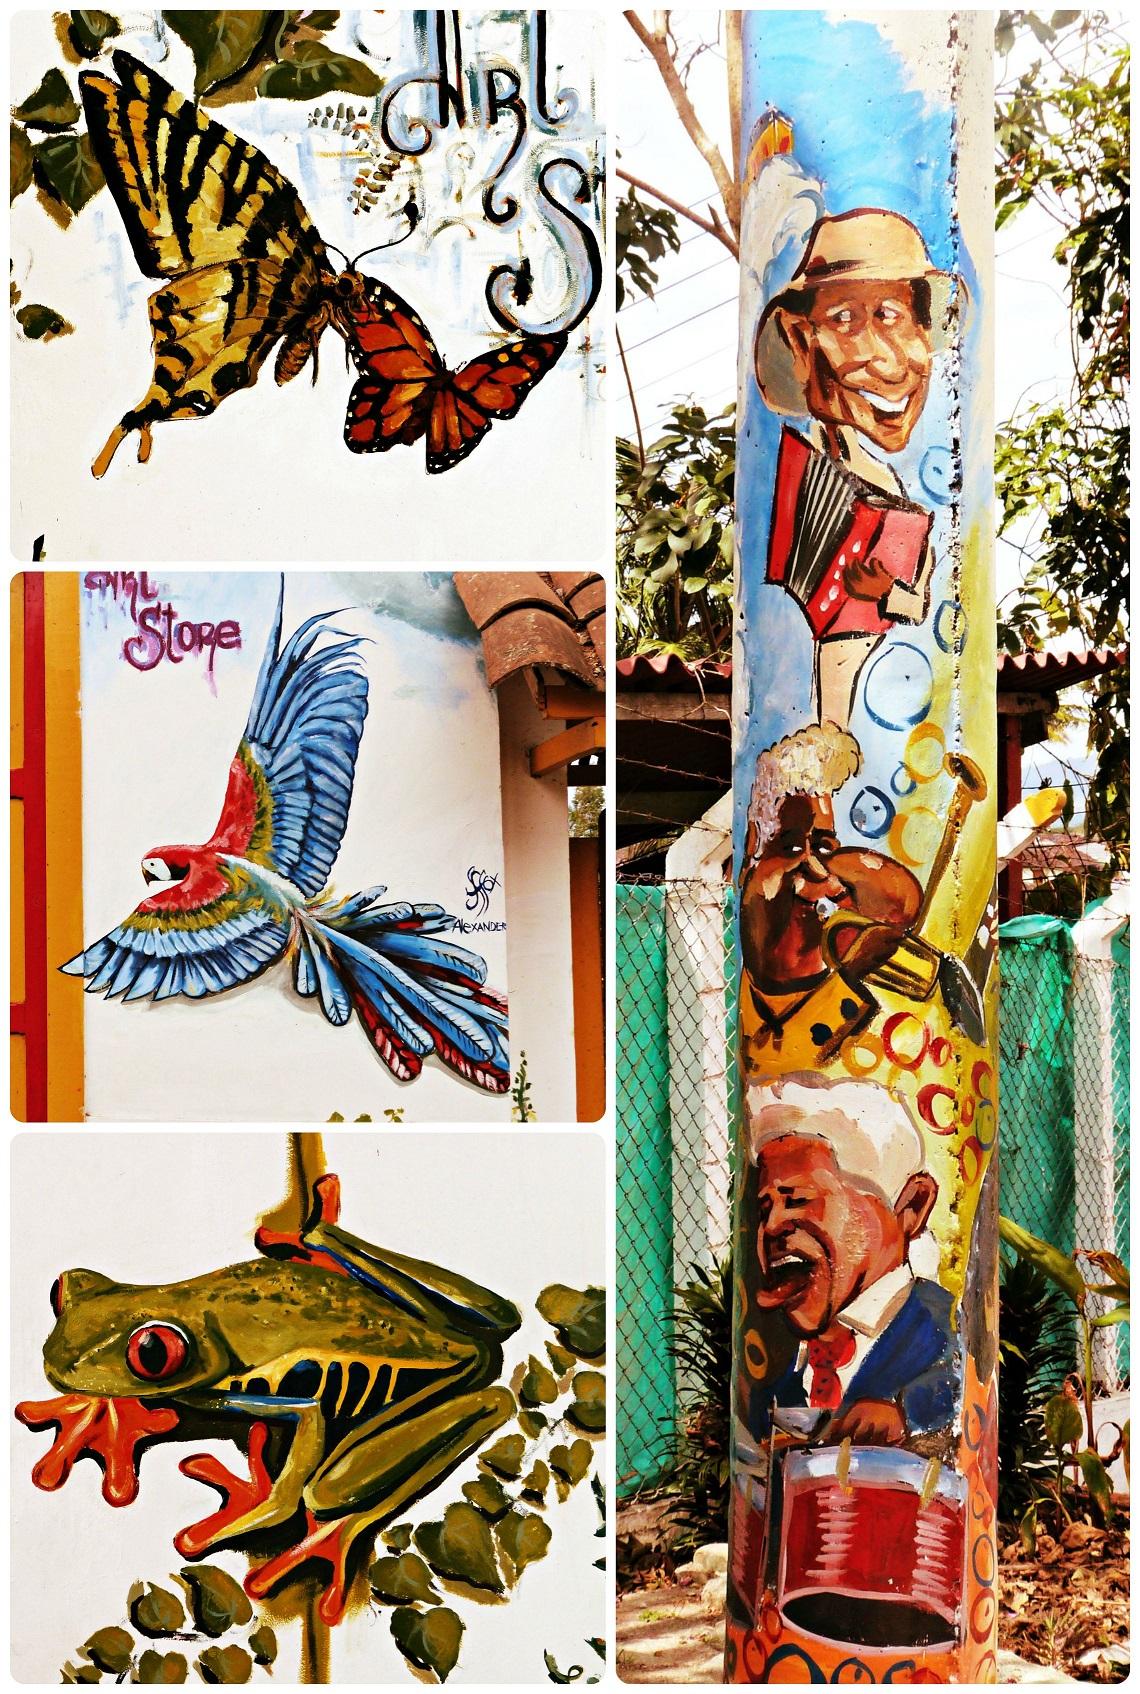 Œuvres de street art, représentant des papillons, un perroquet, une grenouille et des musiciens, sur les murs d'une boutique du village de Salento